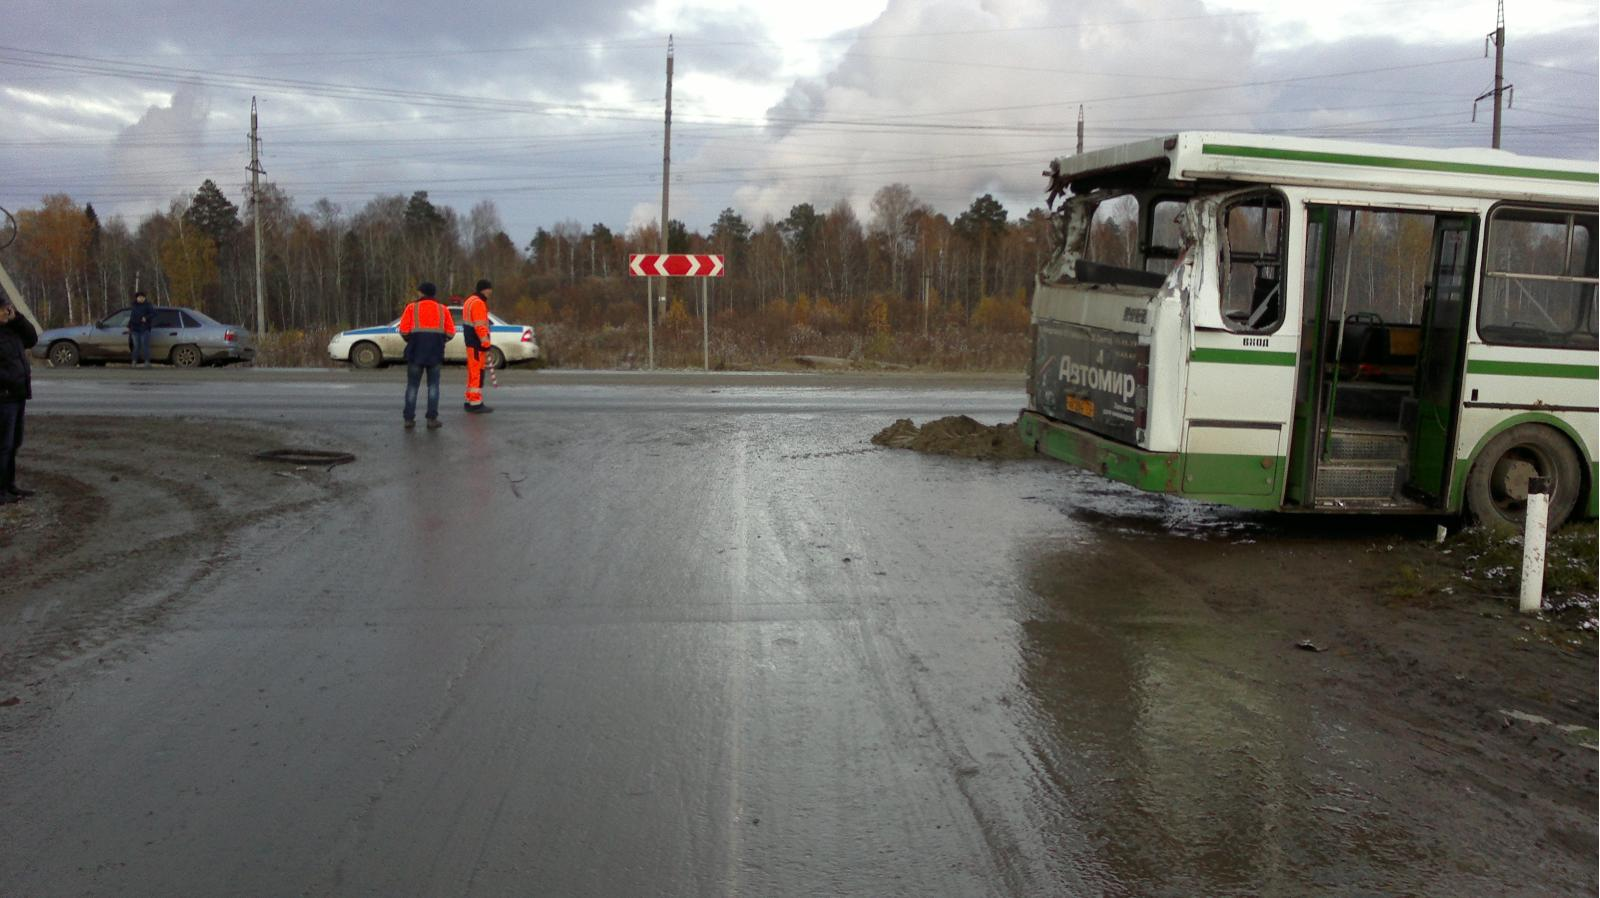 Натрассе пассажирский автобус врезался в фургон — Сводка ДТП